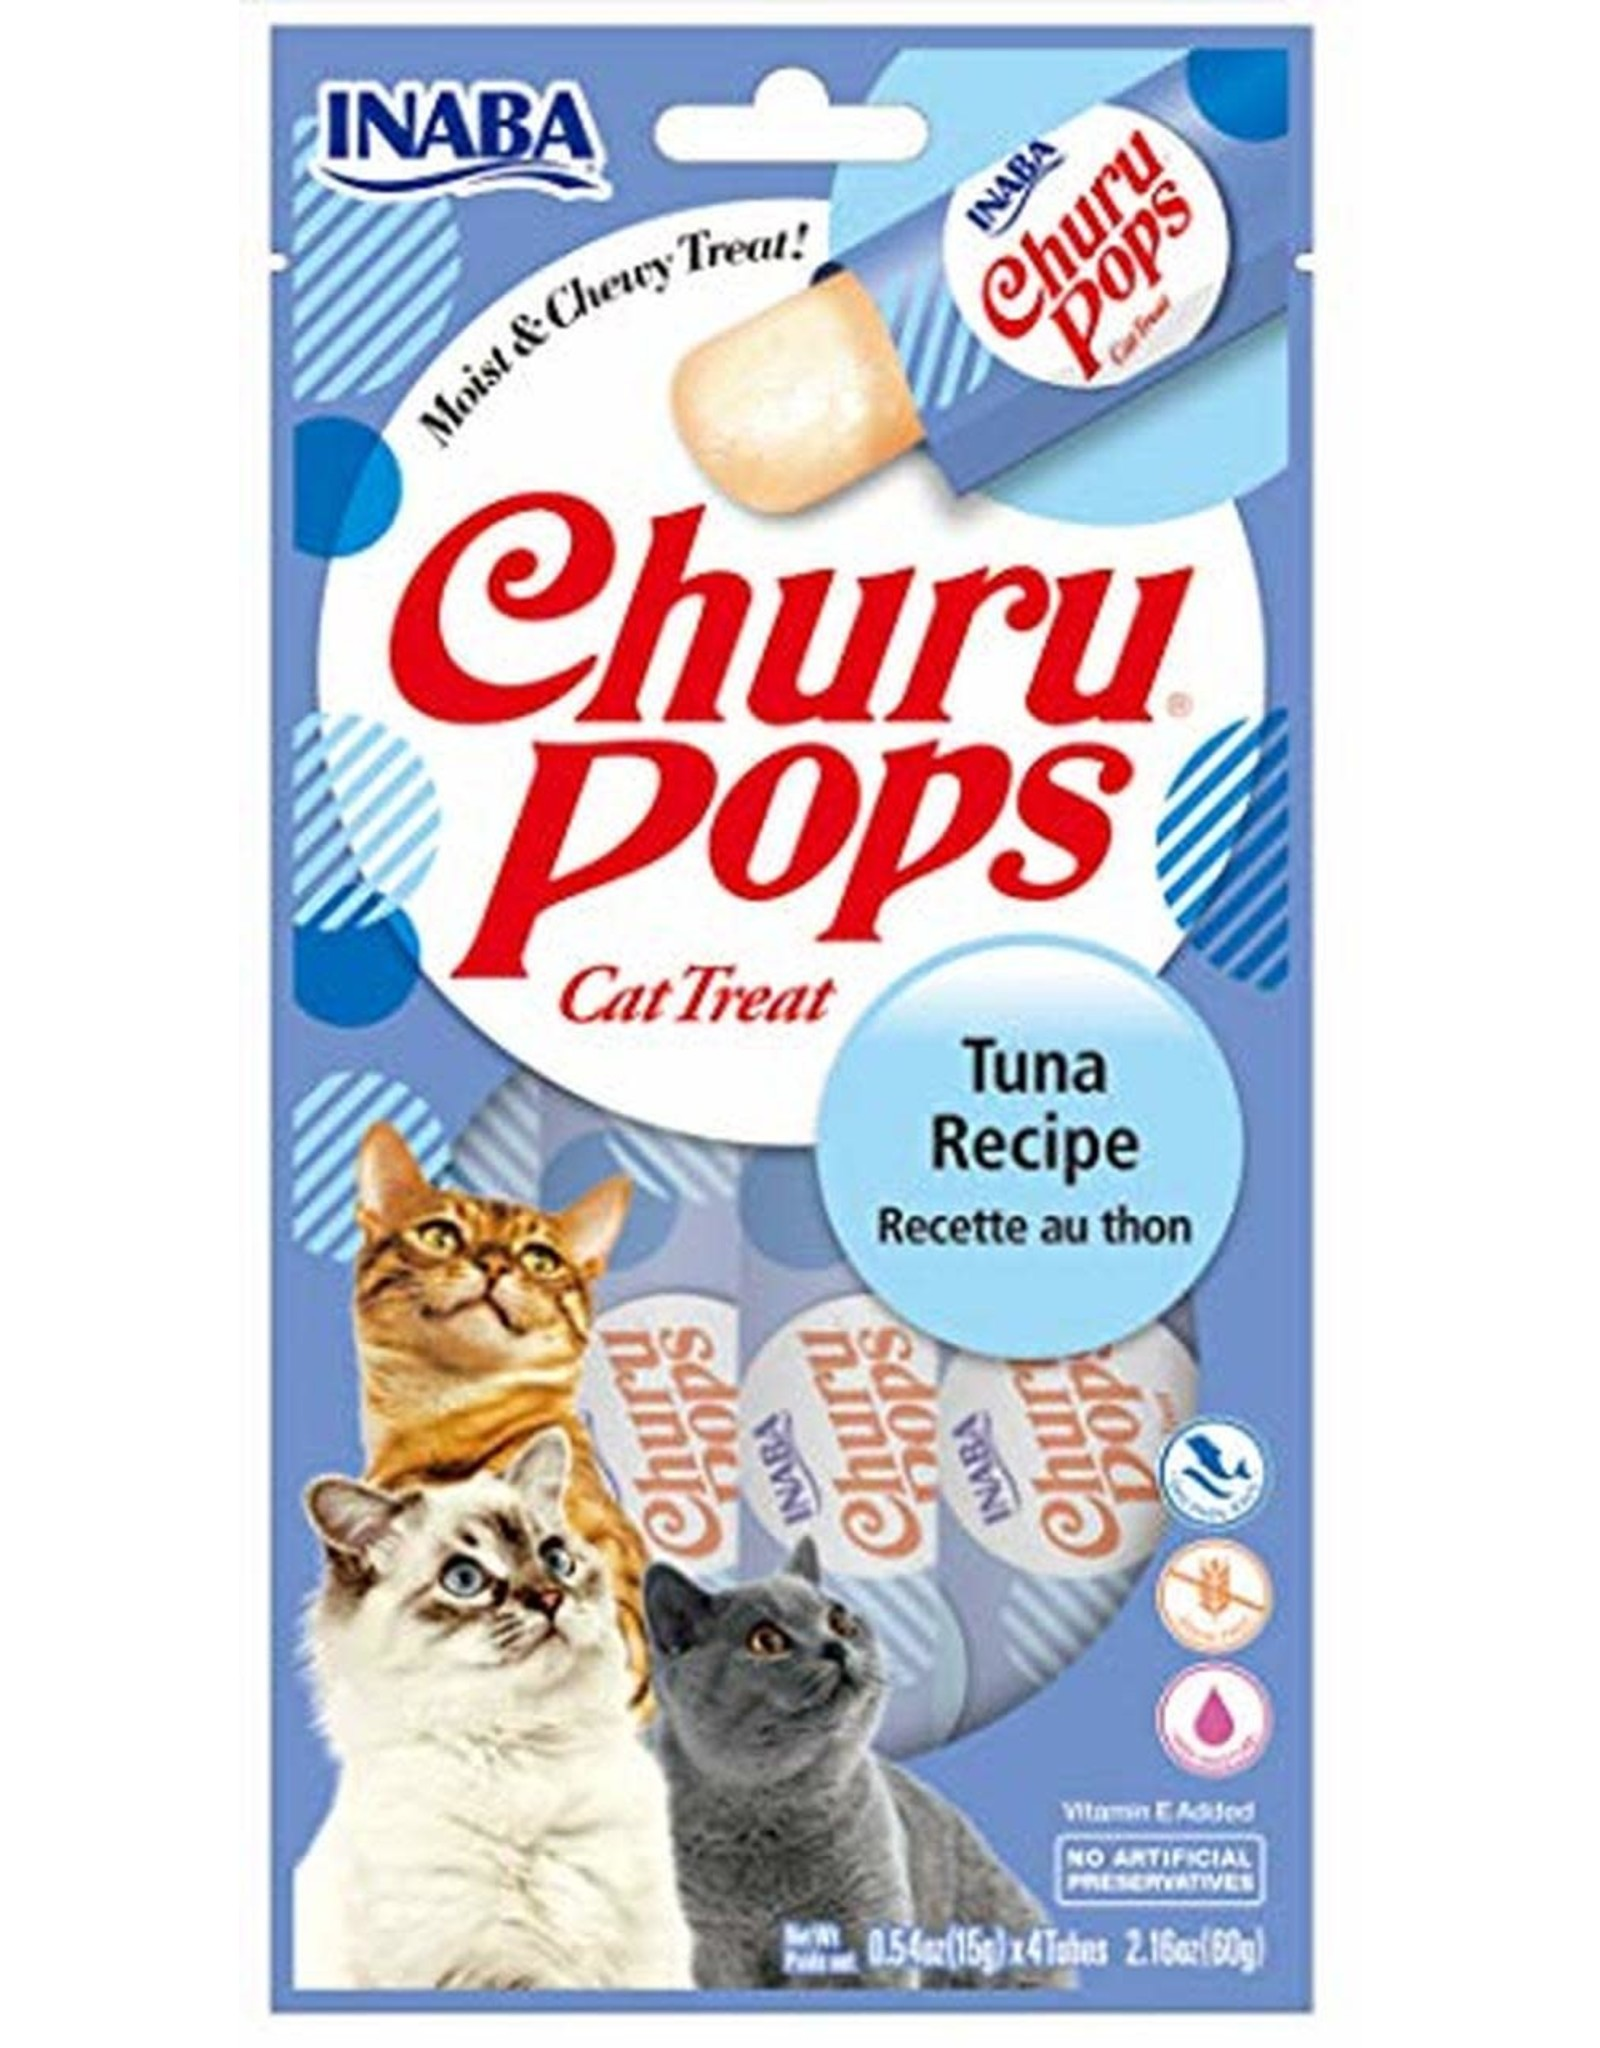 Inaba INABA CAT CHURU POPS TUNA RECIPE 4-COUNT